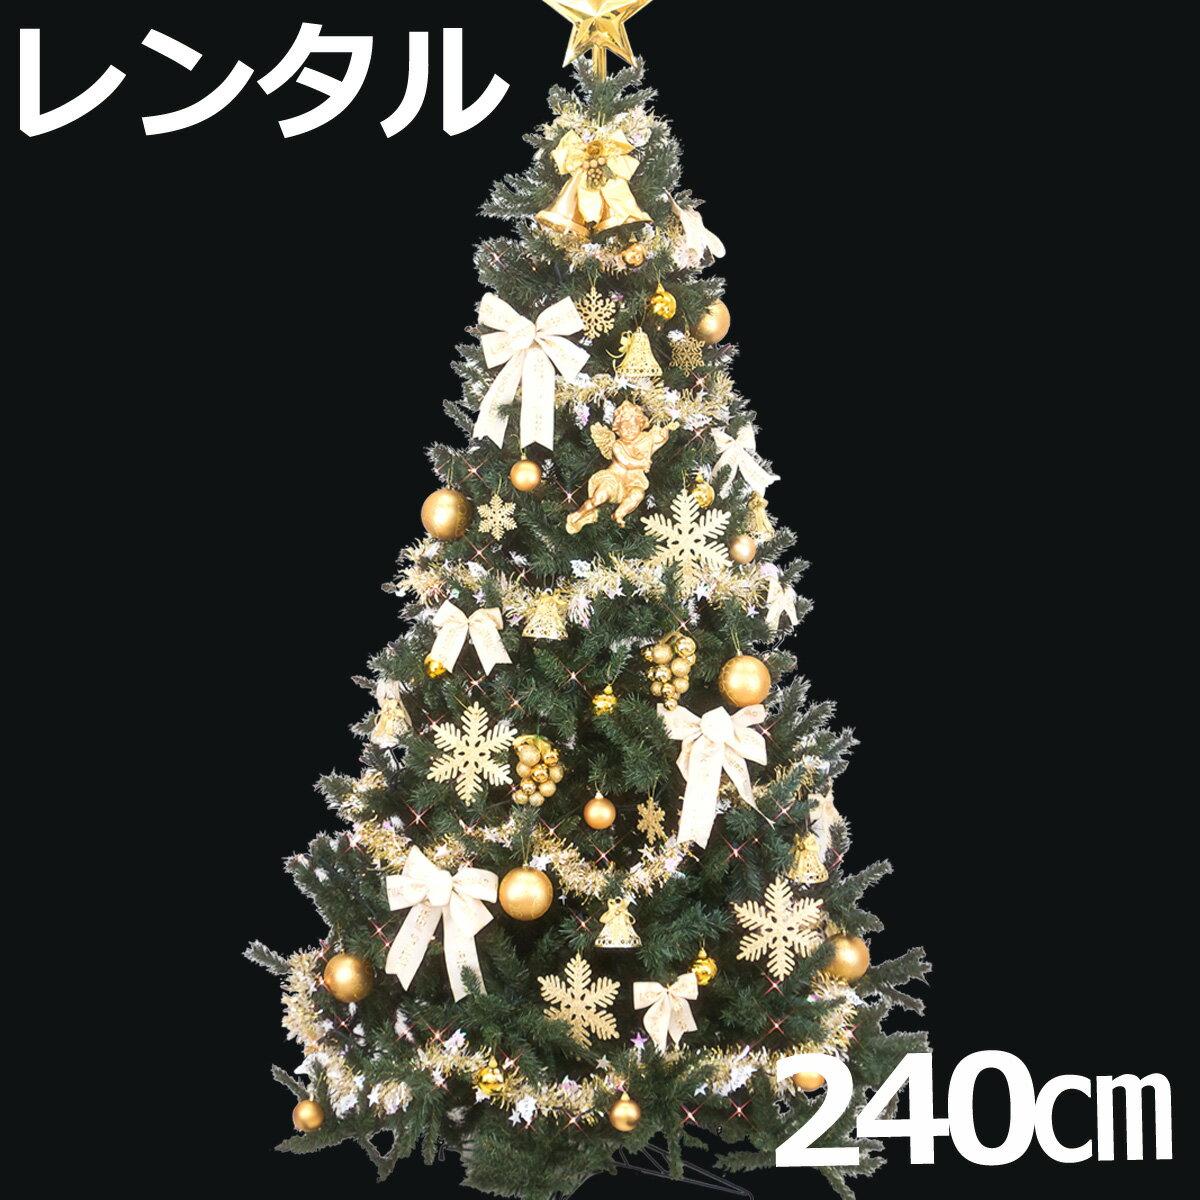 【8/8〜8/16】夏期休暇 【レンタル】 クリスマスツリー セット 240cm アイボリー&ゴールド 【往復 送料無料】 クリスマスツリー レンタル fy16REN07